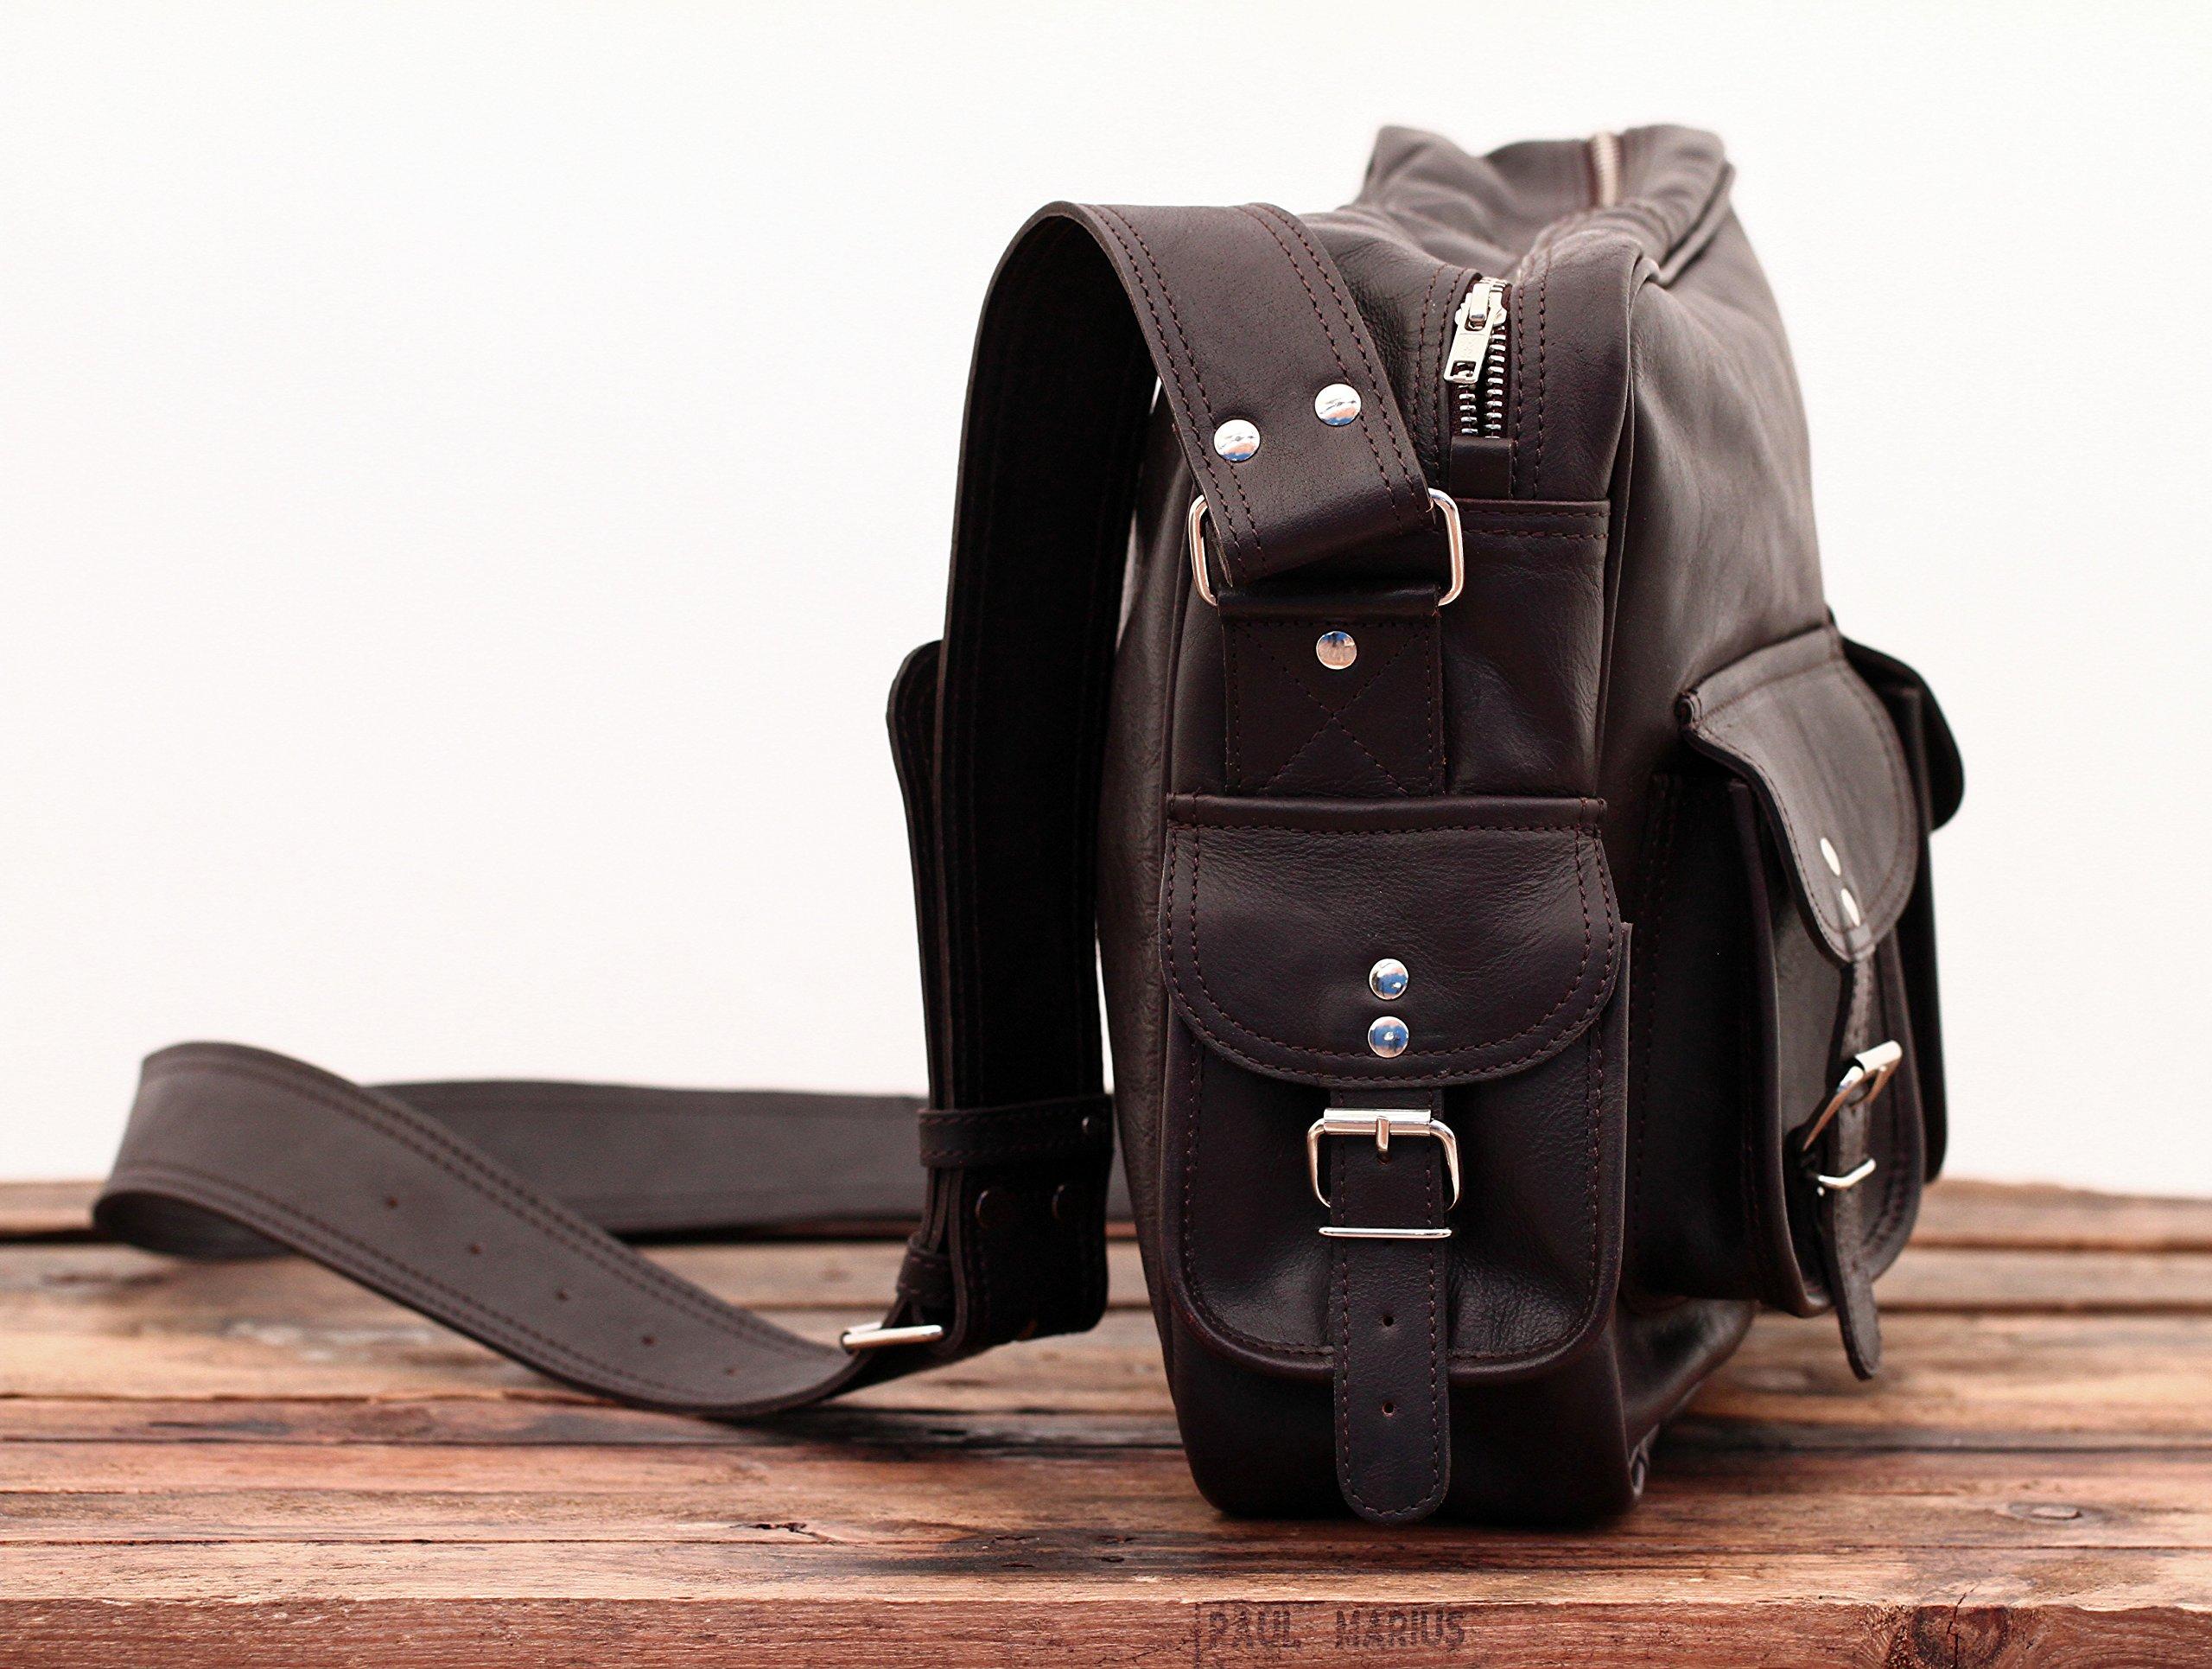 91vgpo4nGqL - PAUL MARIUS LE MULTIPOCHES INDUS, Bolso bandolera de cuero, estilo vintage, bandolera de cuero, bolso con bolsillos…